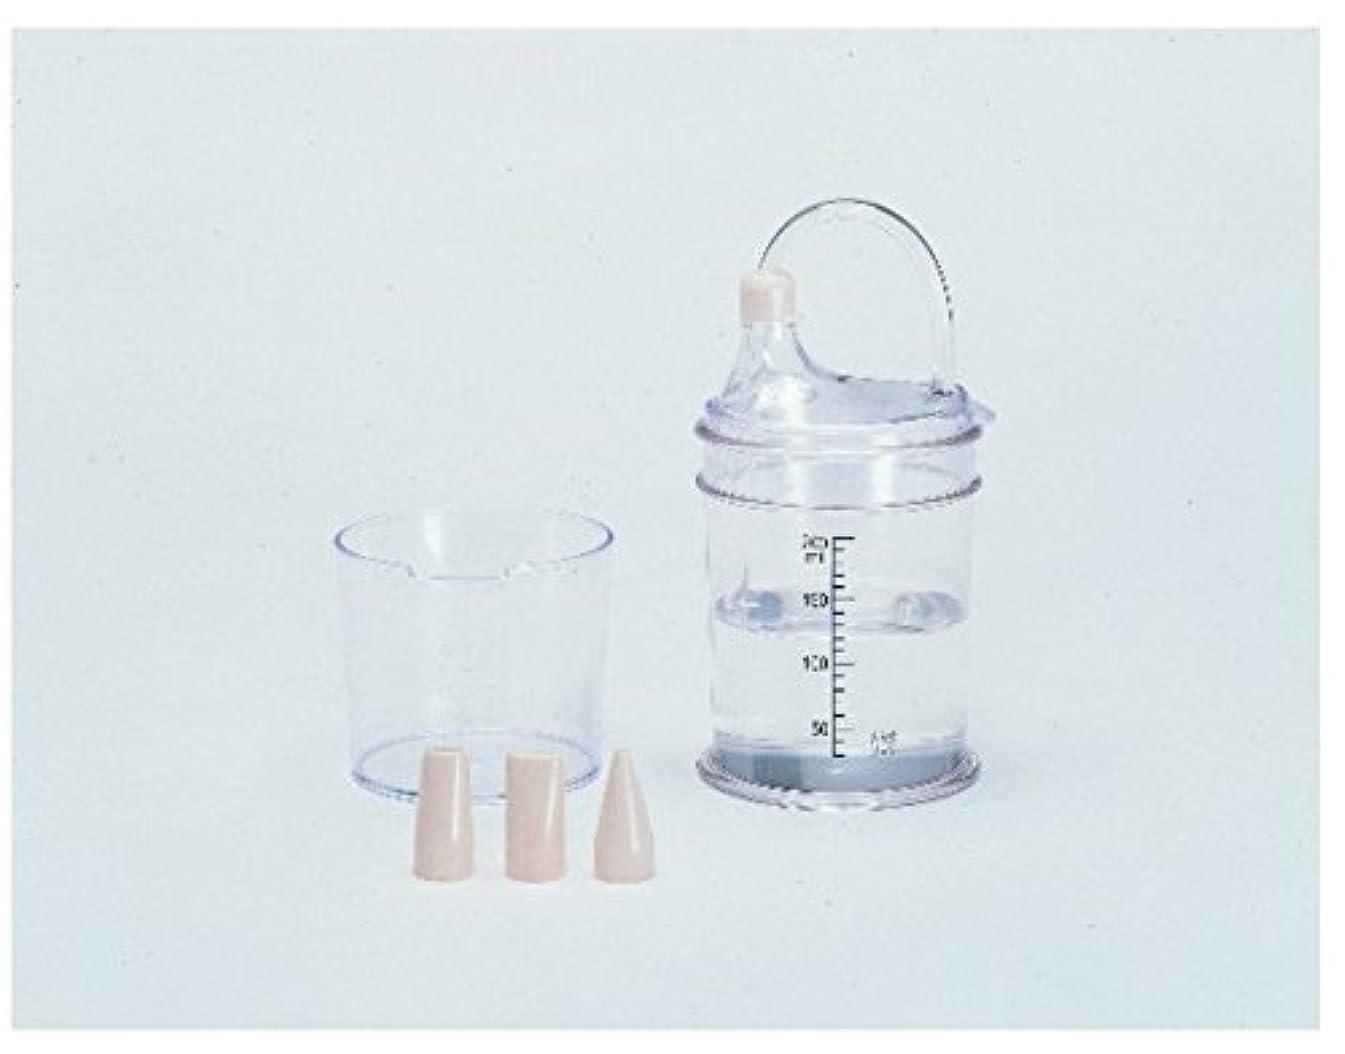 証拠動揺させる醸造所マジックカップ ?病院内人気こぼれにくい介護用吸い飲みカップ? 1個